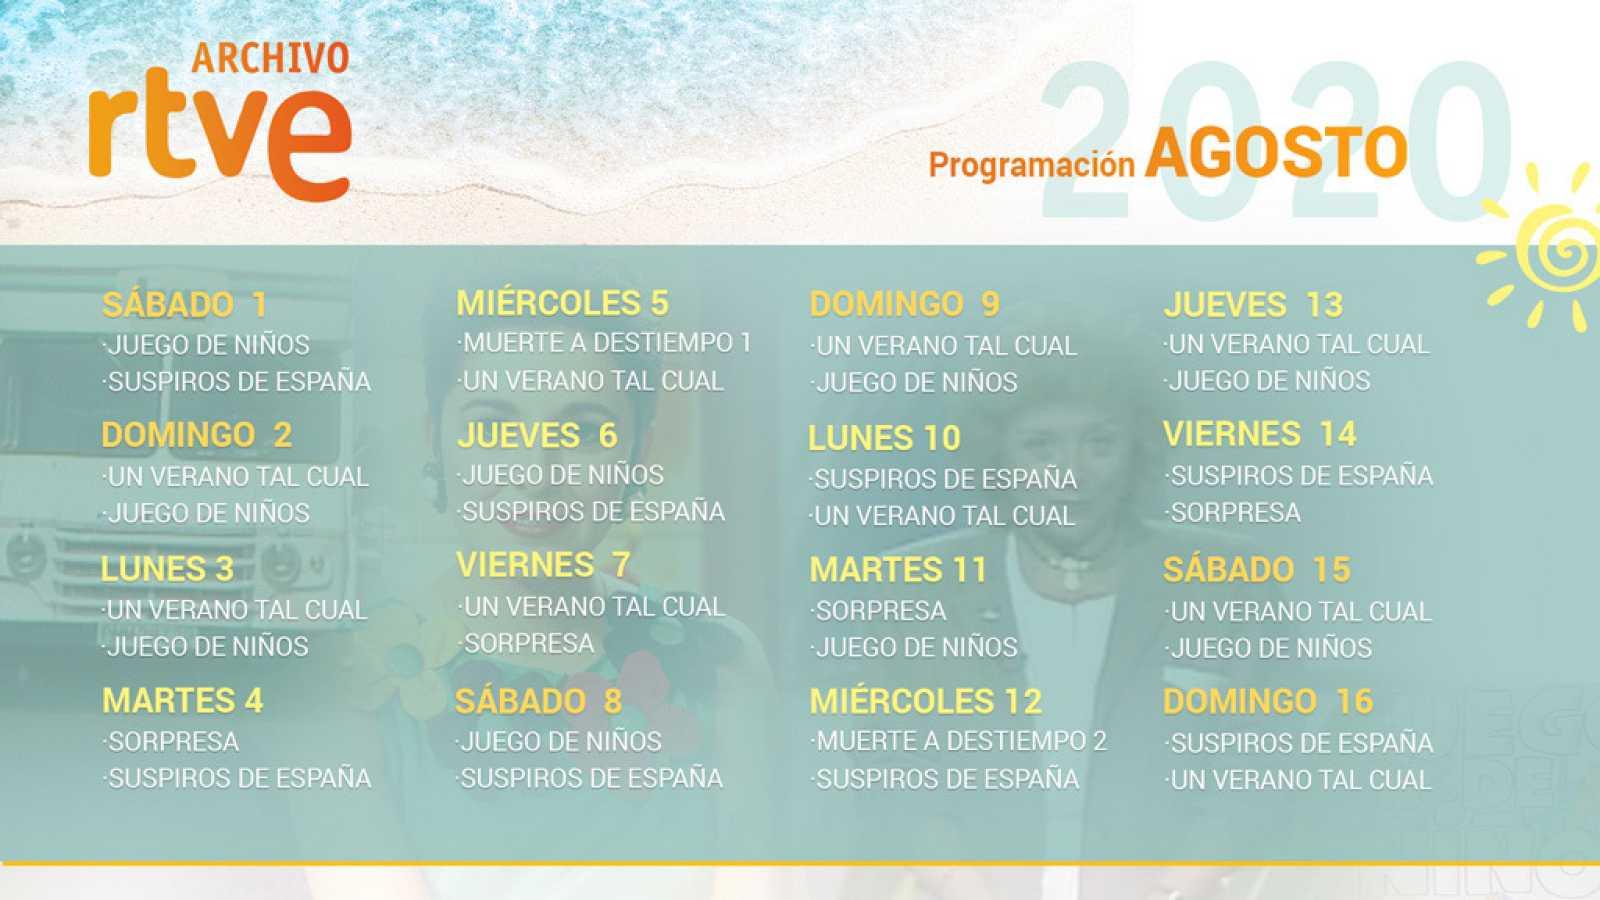 Programación verano 2020 en el Archivo de RTVE.